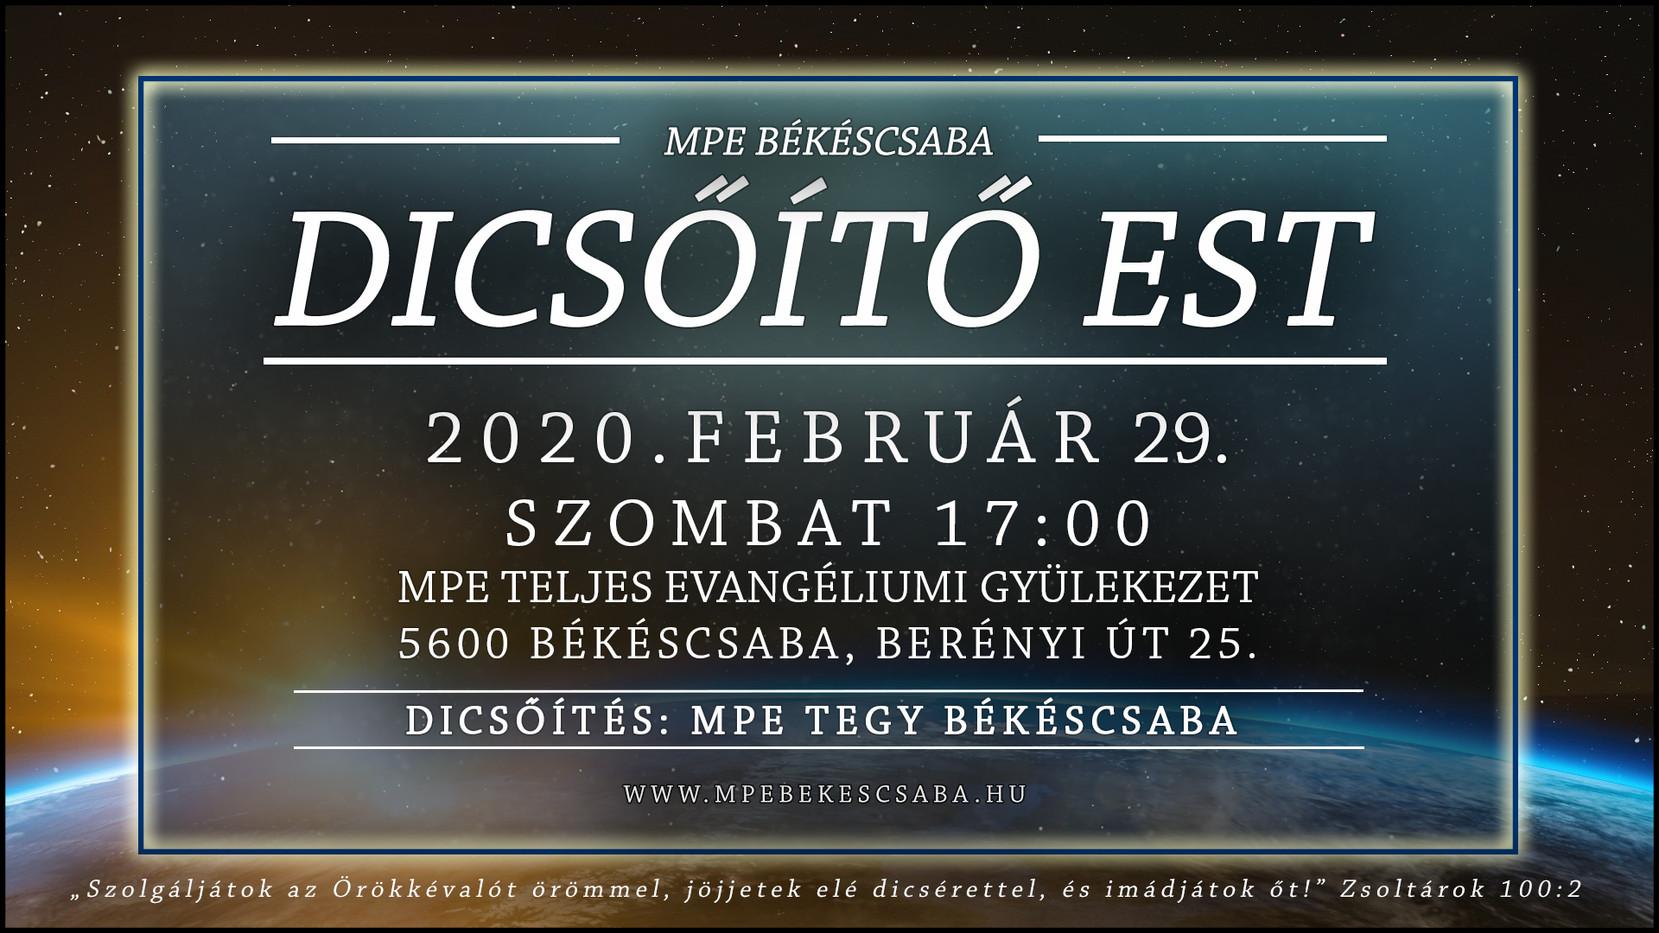 Dicsőítő est_2020.02.29.jpg